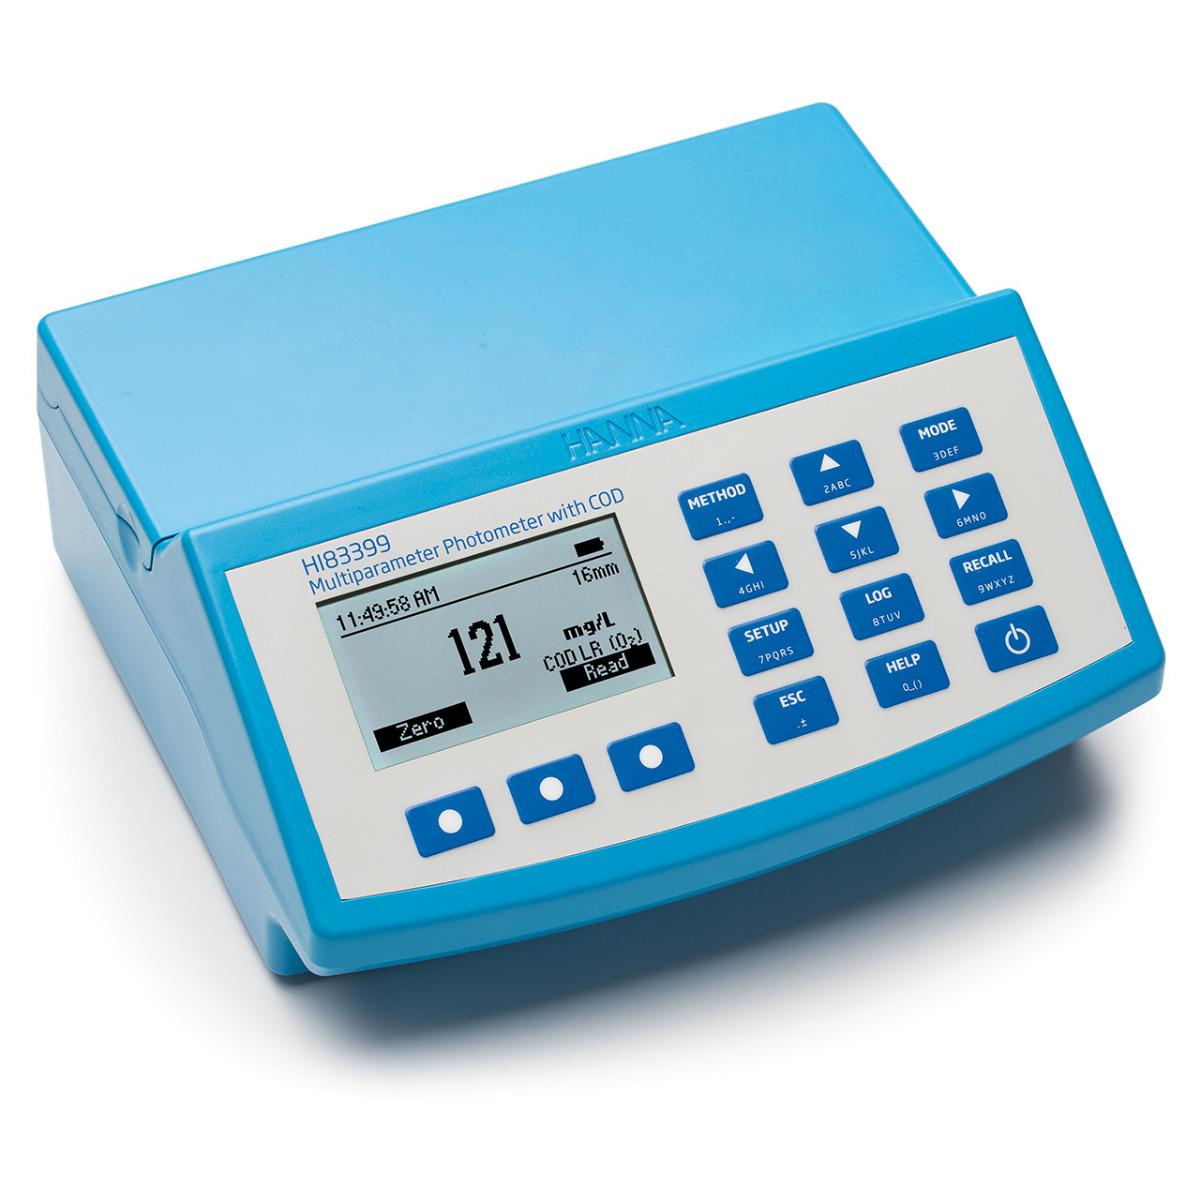 HI83399 Multiparameter COD Photometer and pH meter